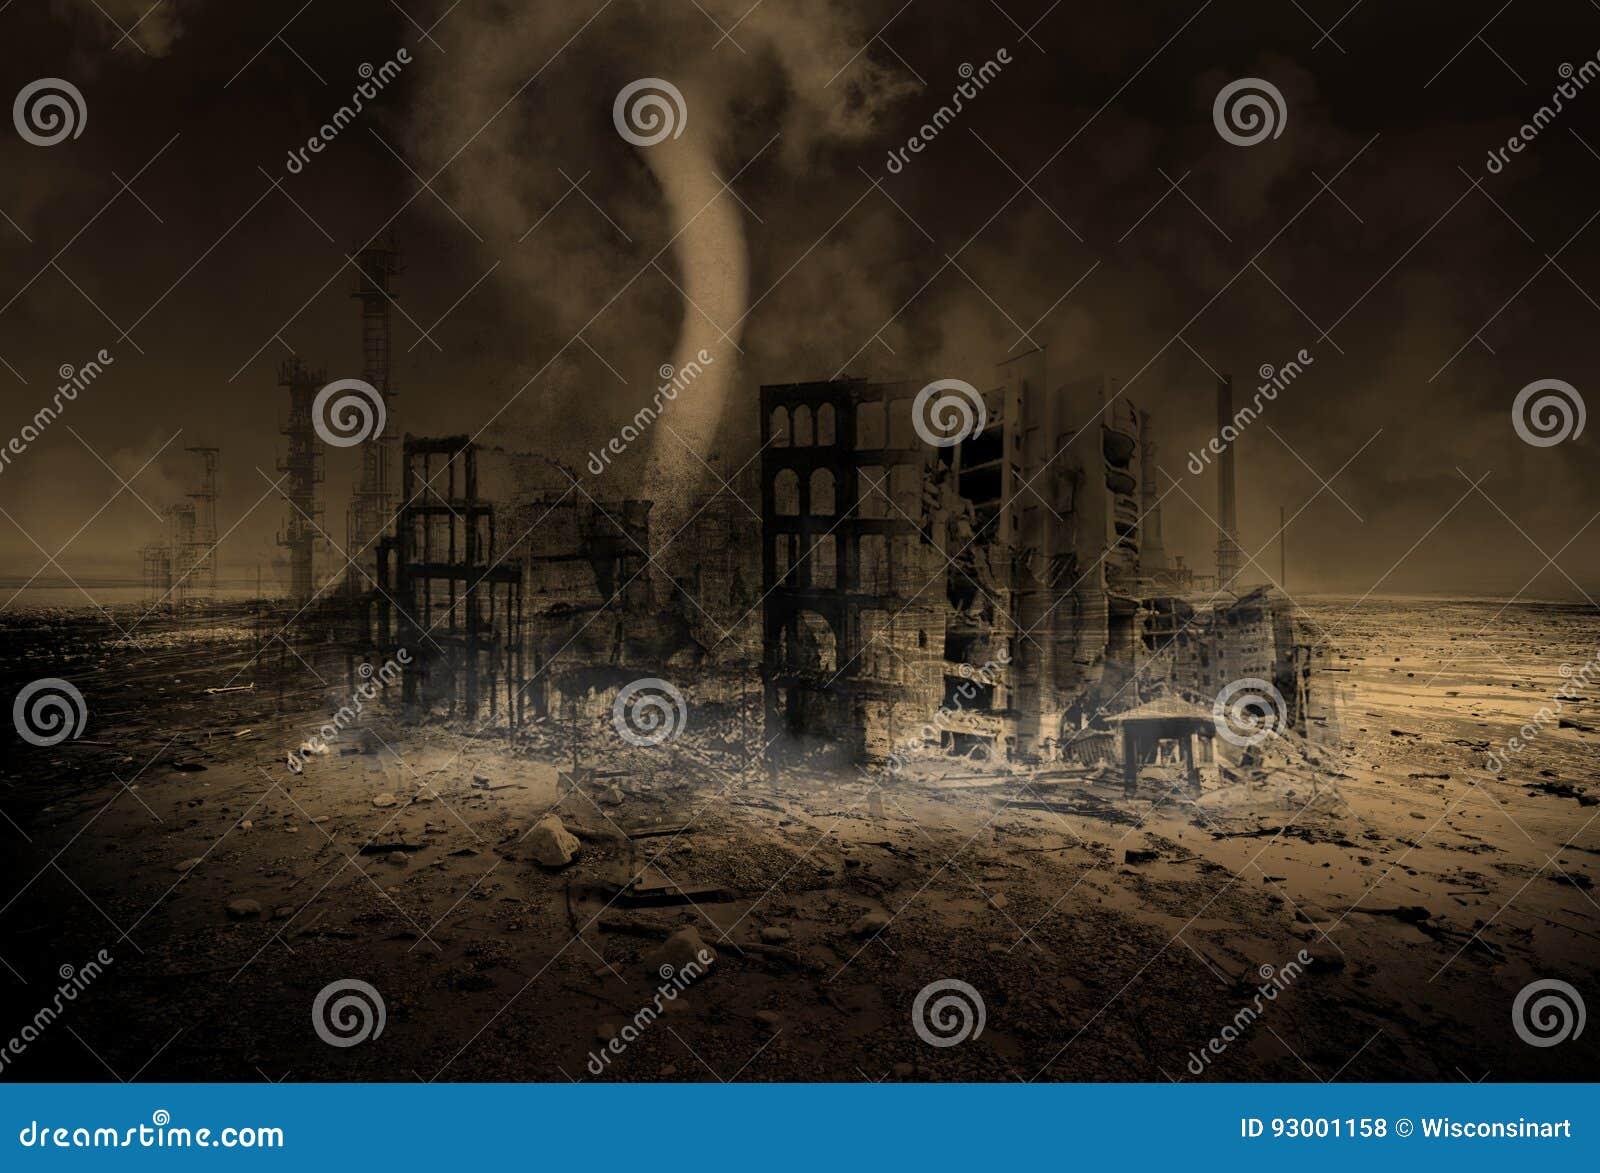 Global Warming, Climate Change, Apocalypse